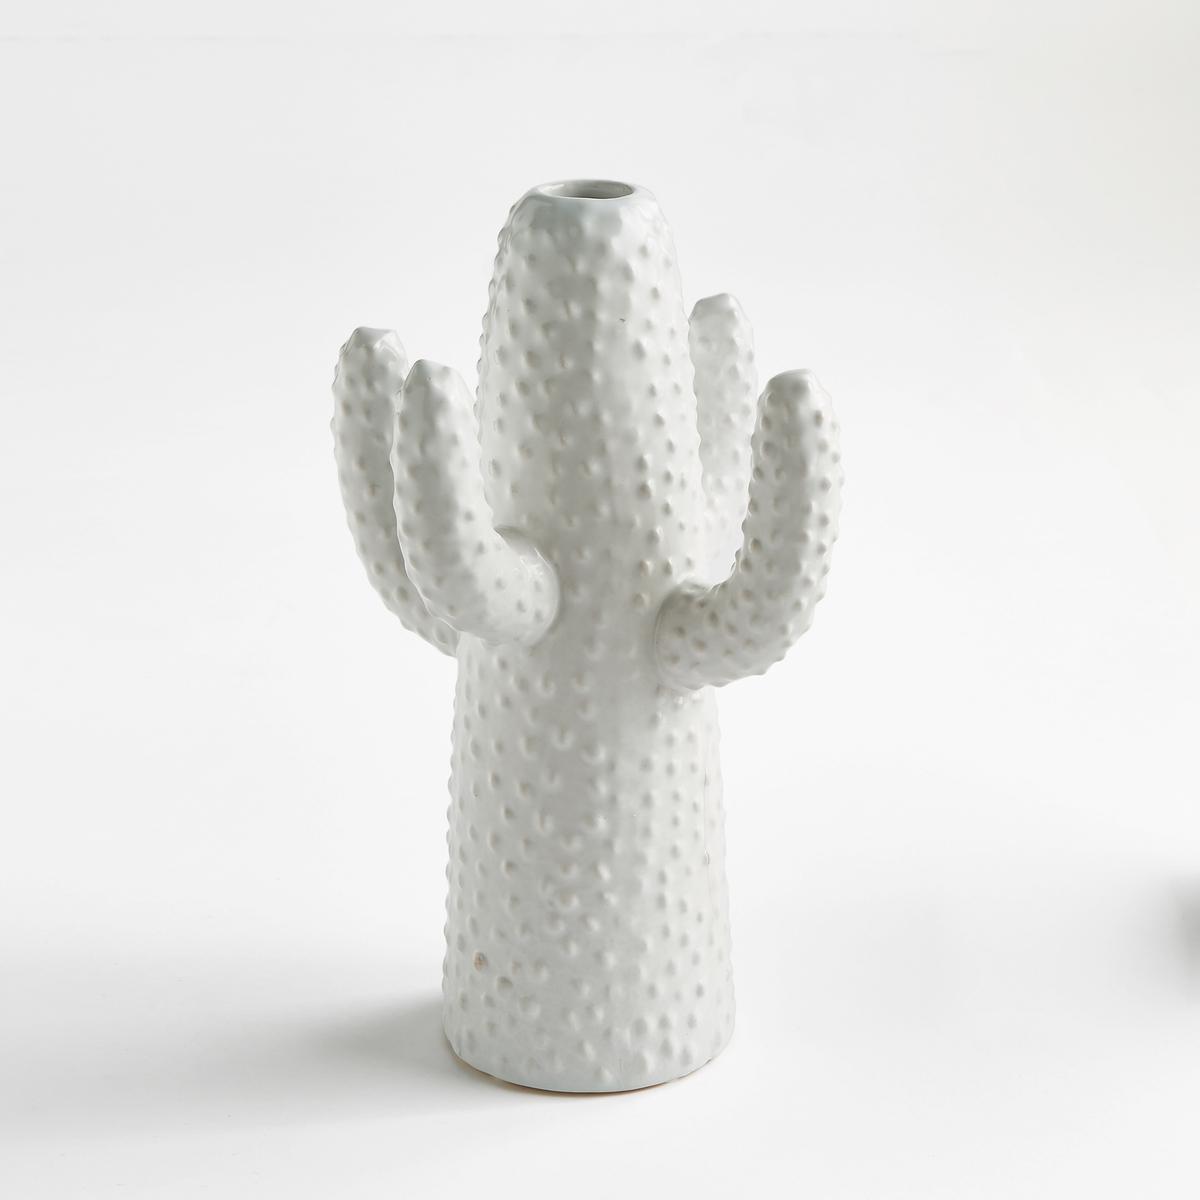 Ваза Cactus, высота 29 см, дизайн М. Михельссен для SeraxМари Михельссен - дизайнер. Она черпает вдохновение в повседневной жизни и в различных элементах, которые стимулируют ее дух. Для Serax она создала эту вазу в форме кактуса.     На сайте представлены 3 размера белого и зеленого цветов для придания пикантности Вашему декору.    Характеристики : - Из керамики, покрытой глазурью   Размеры : - Ш.19 x В.29 x Г.17 см.<br><br>Цвет: белый